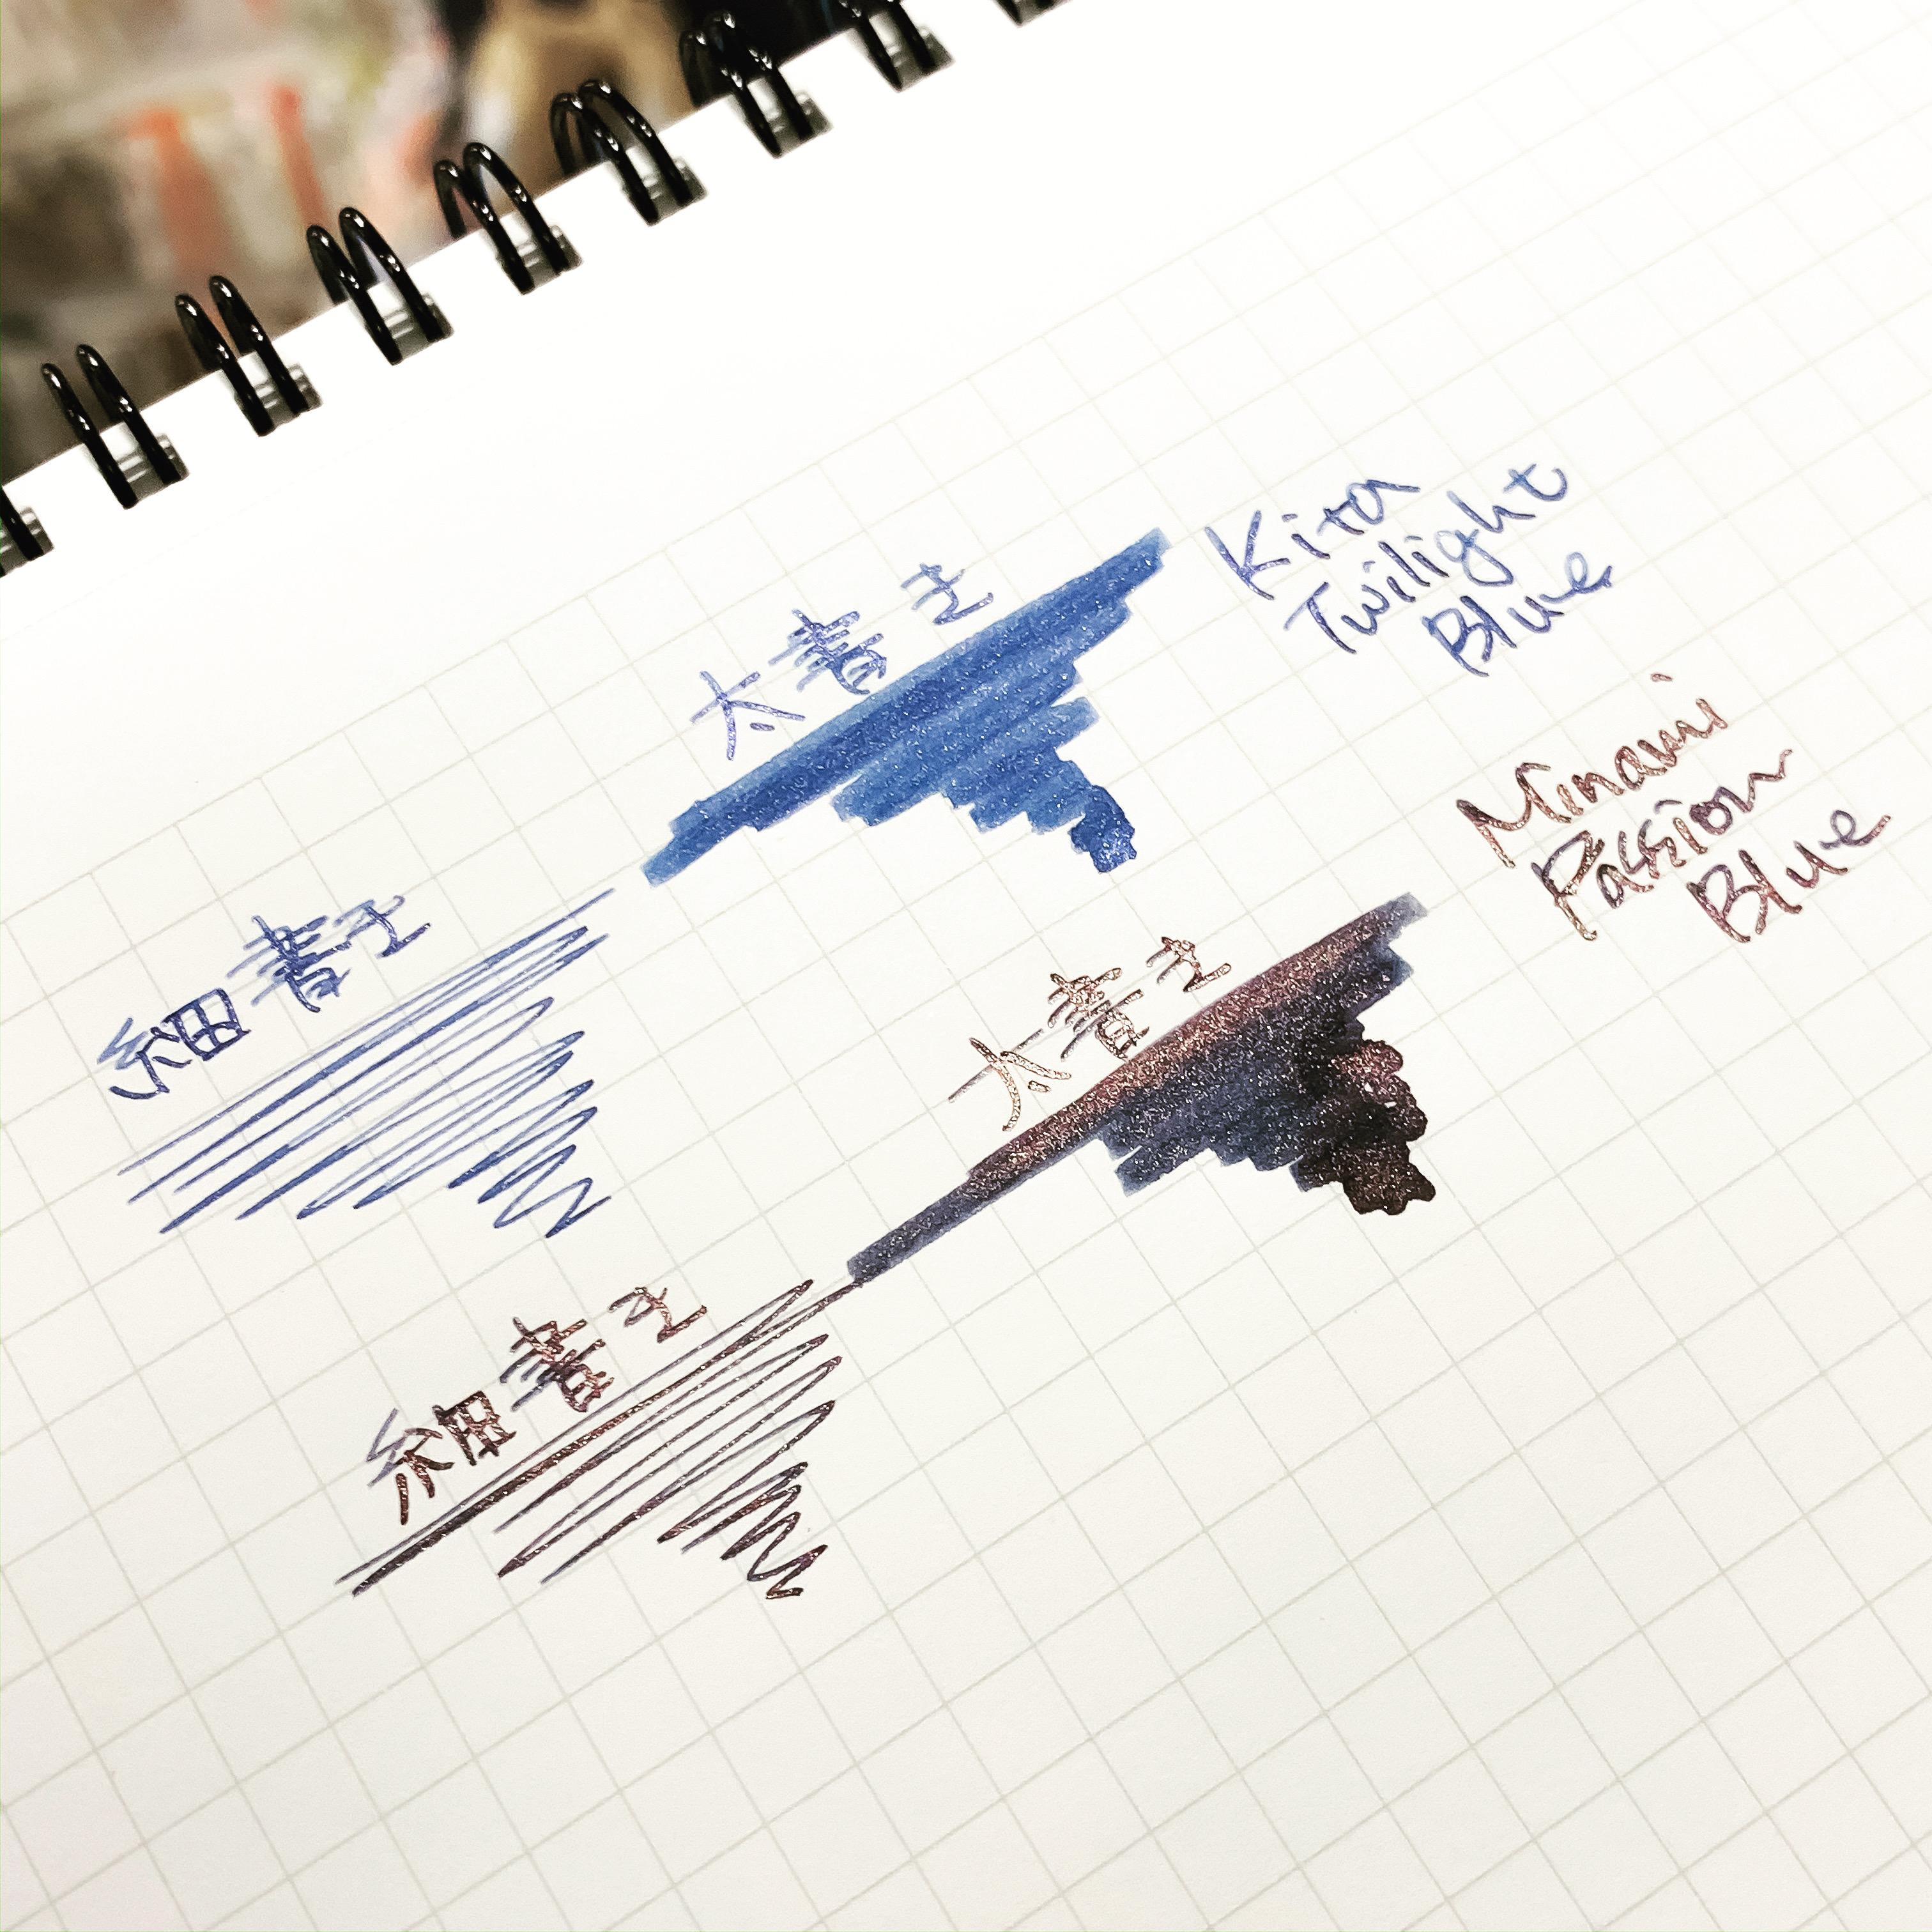 Giftionery Delta オリジナルインク新シリーズ発売!